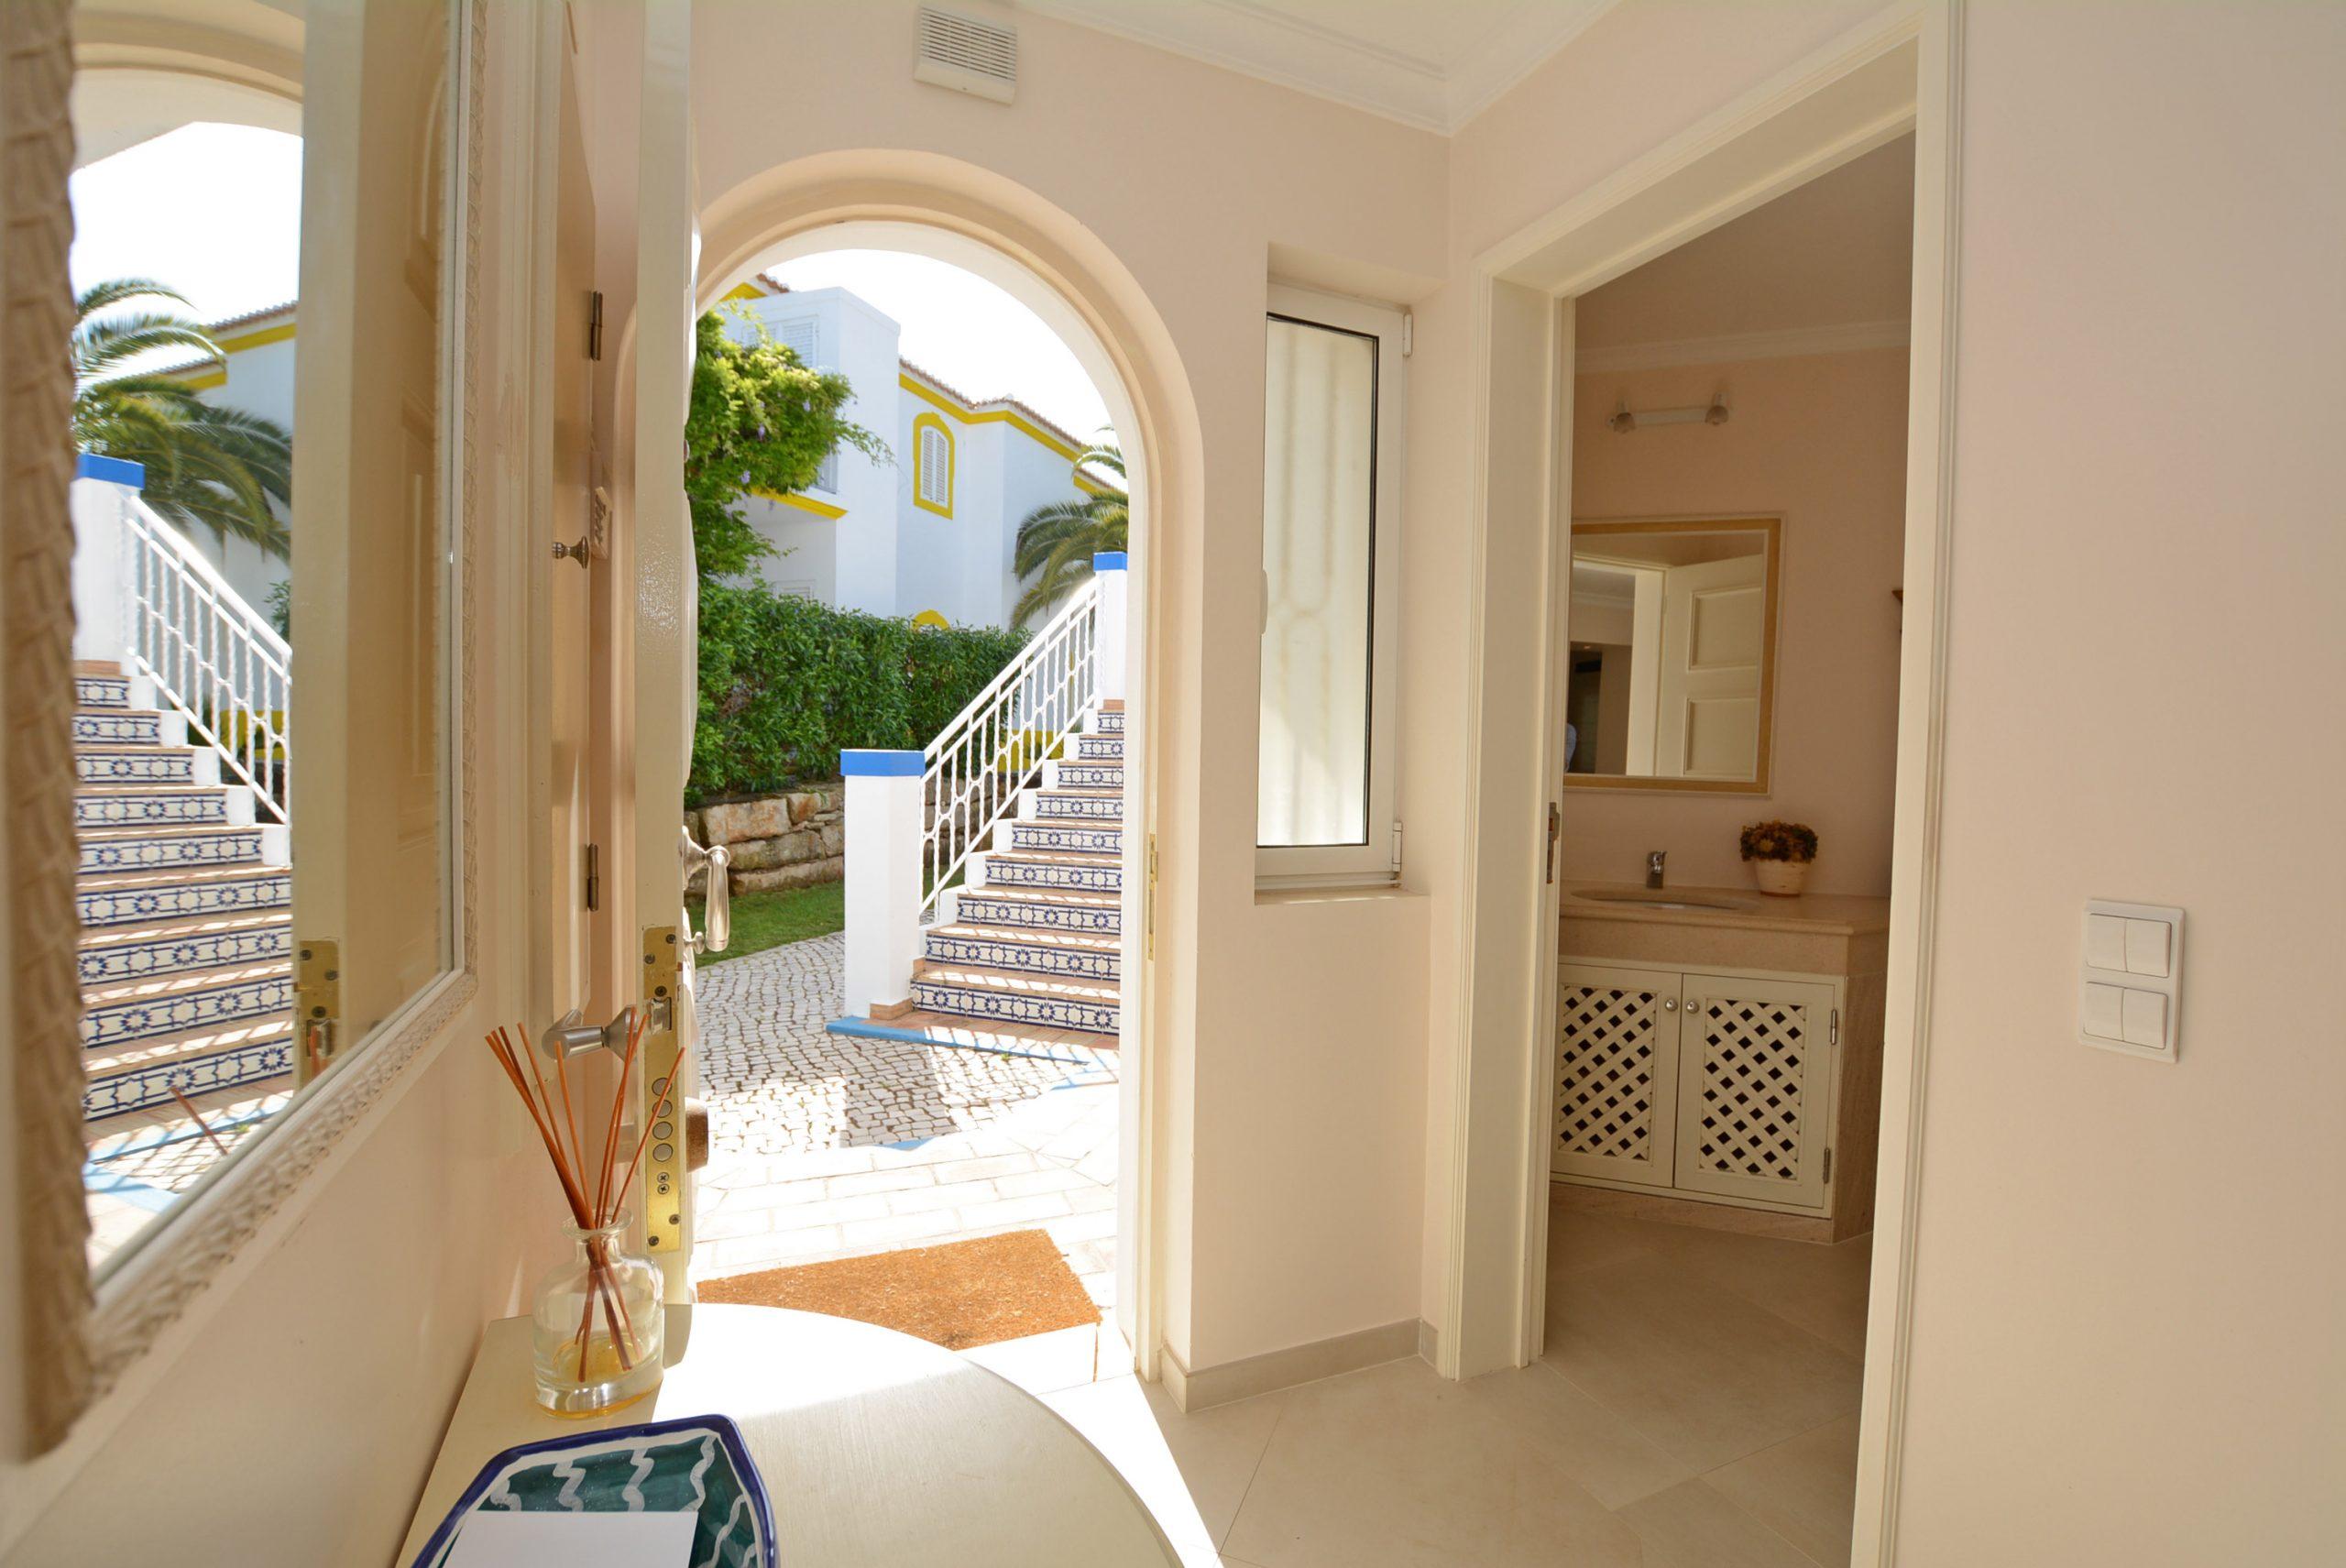 2 Bedroom Apartment for sale in Encosta do Lago, Quinta do Lago (8)